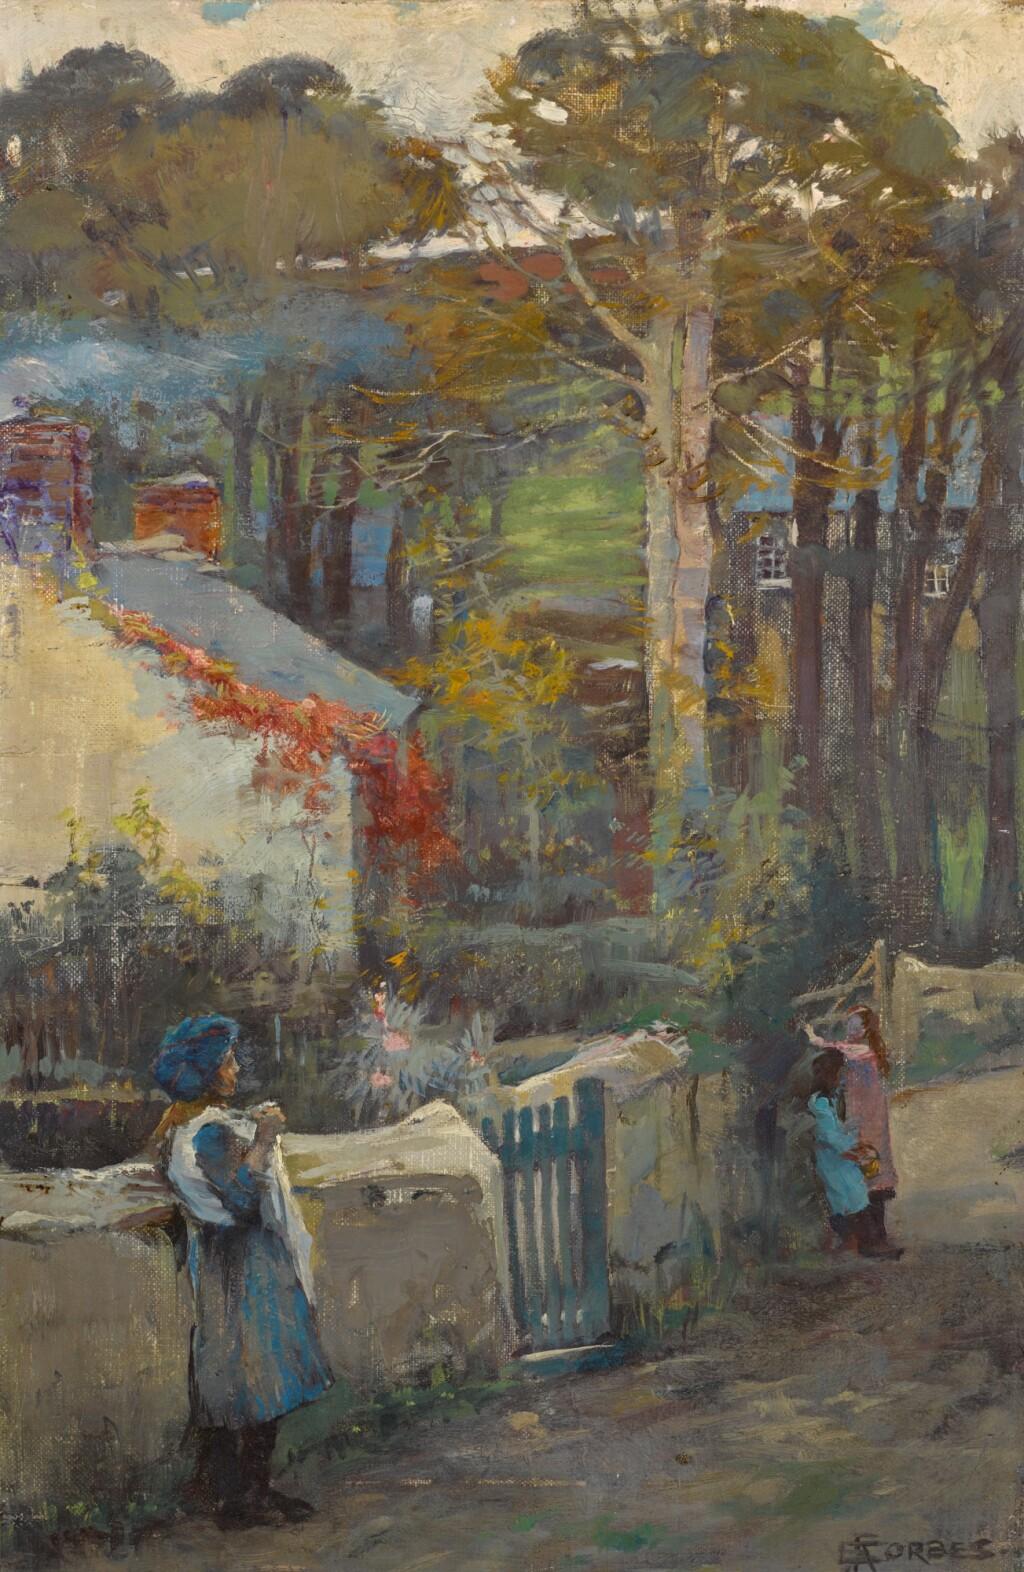 ELIZABETH ADELA FORBES | THE VILLAGE LANE